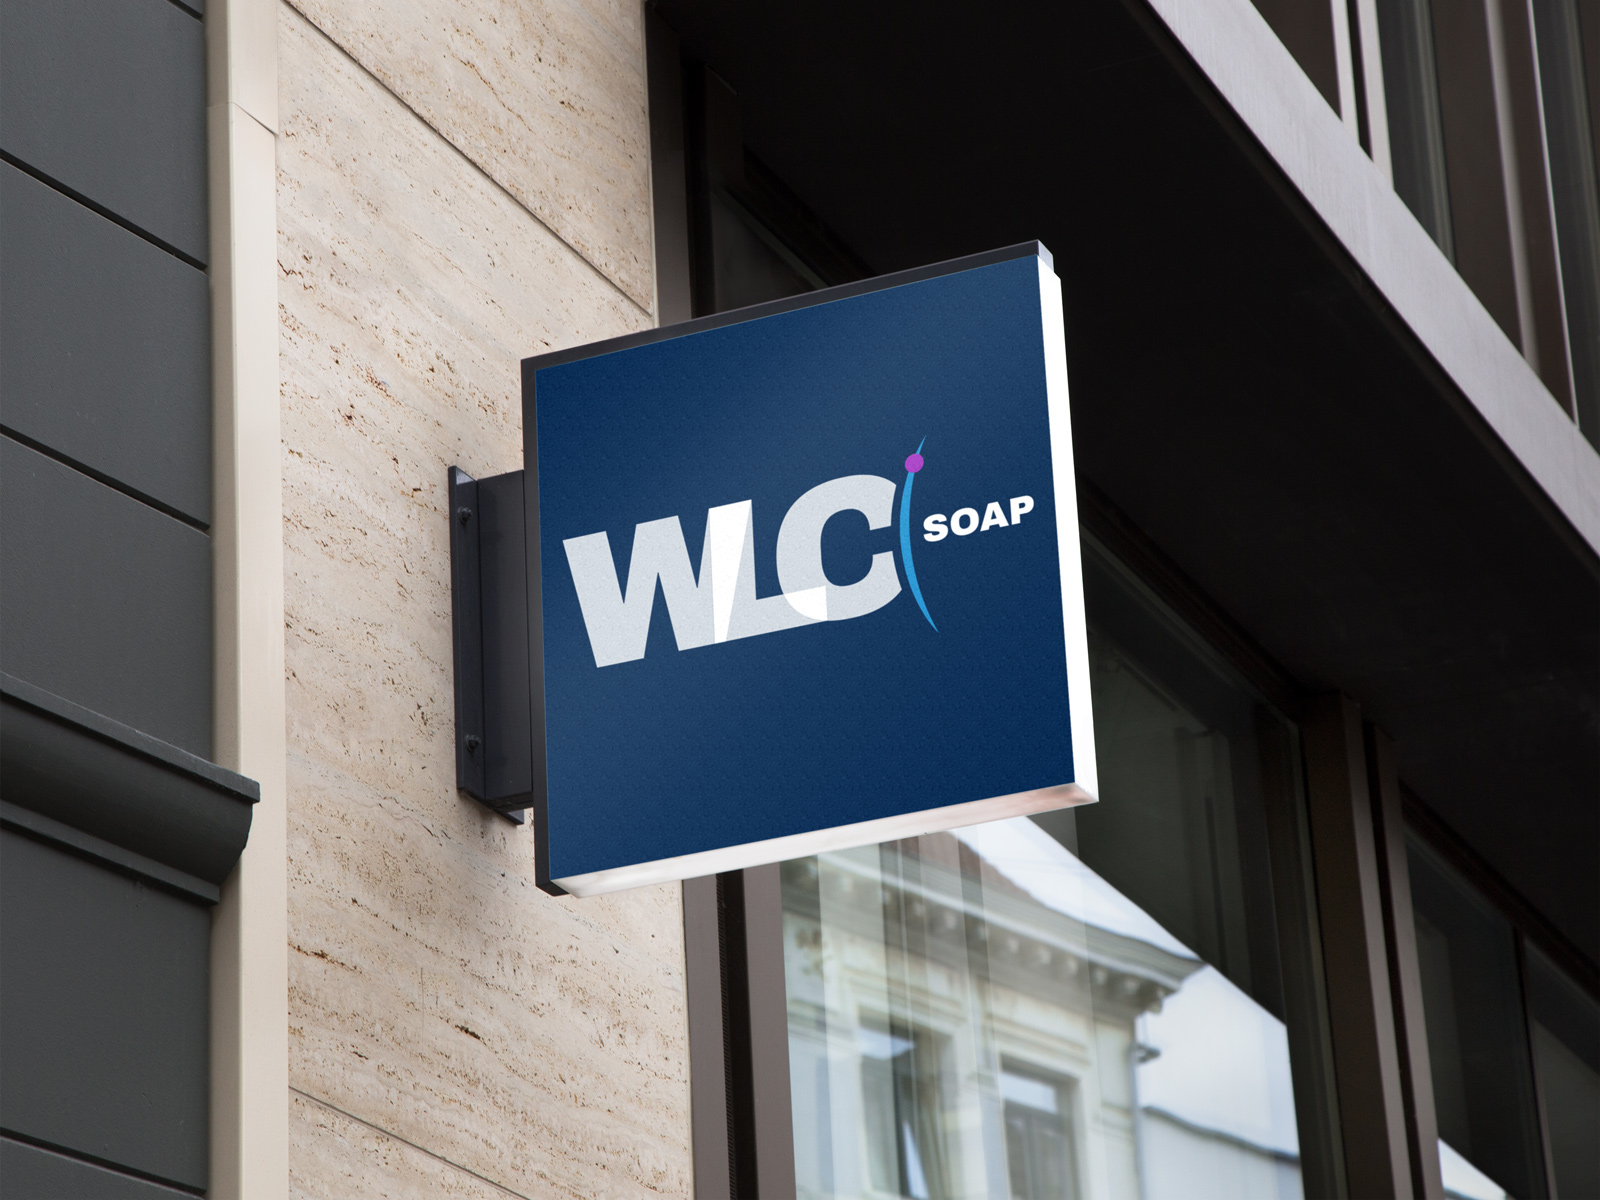 WLC SOAP Biała Lista Podatników - wizualizacja kasetonu z nowym logiem